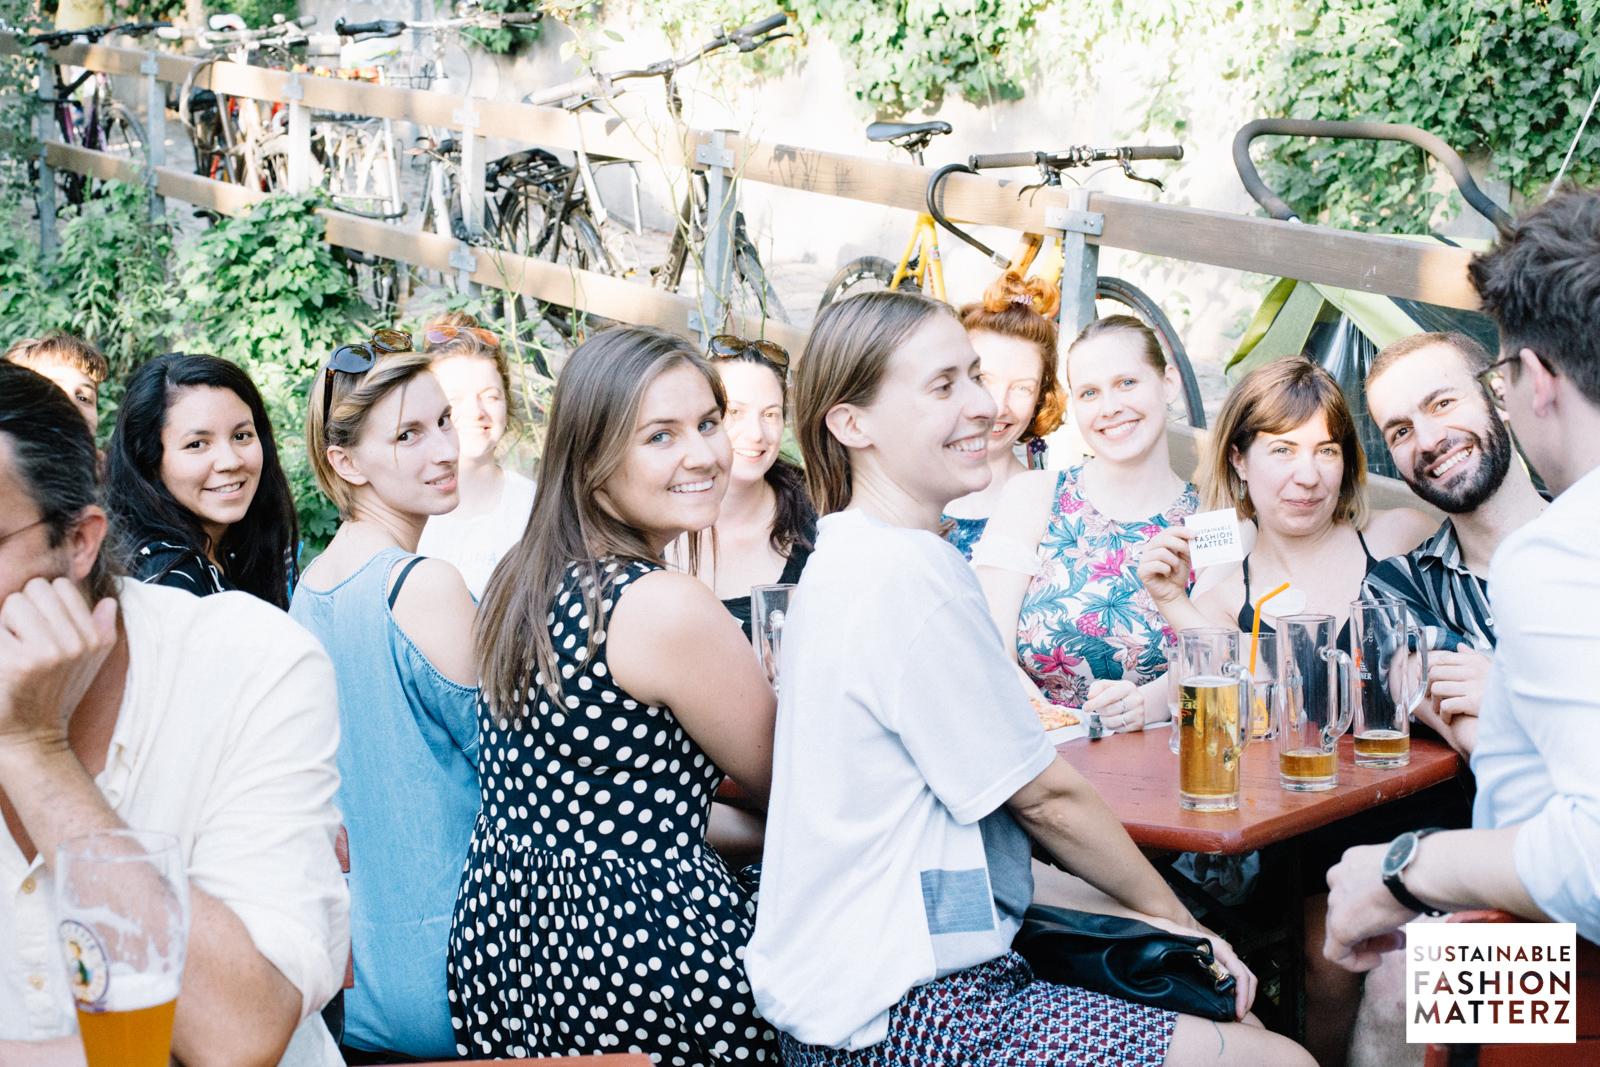 textilstammtisch-berlin-sustainable-fashion-meetup-29.jpg